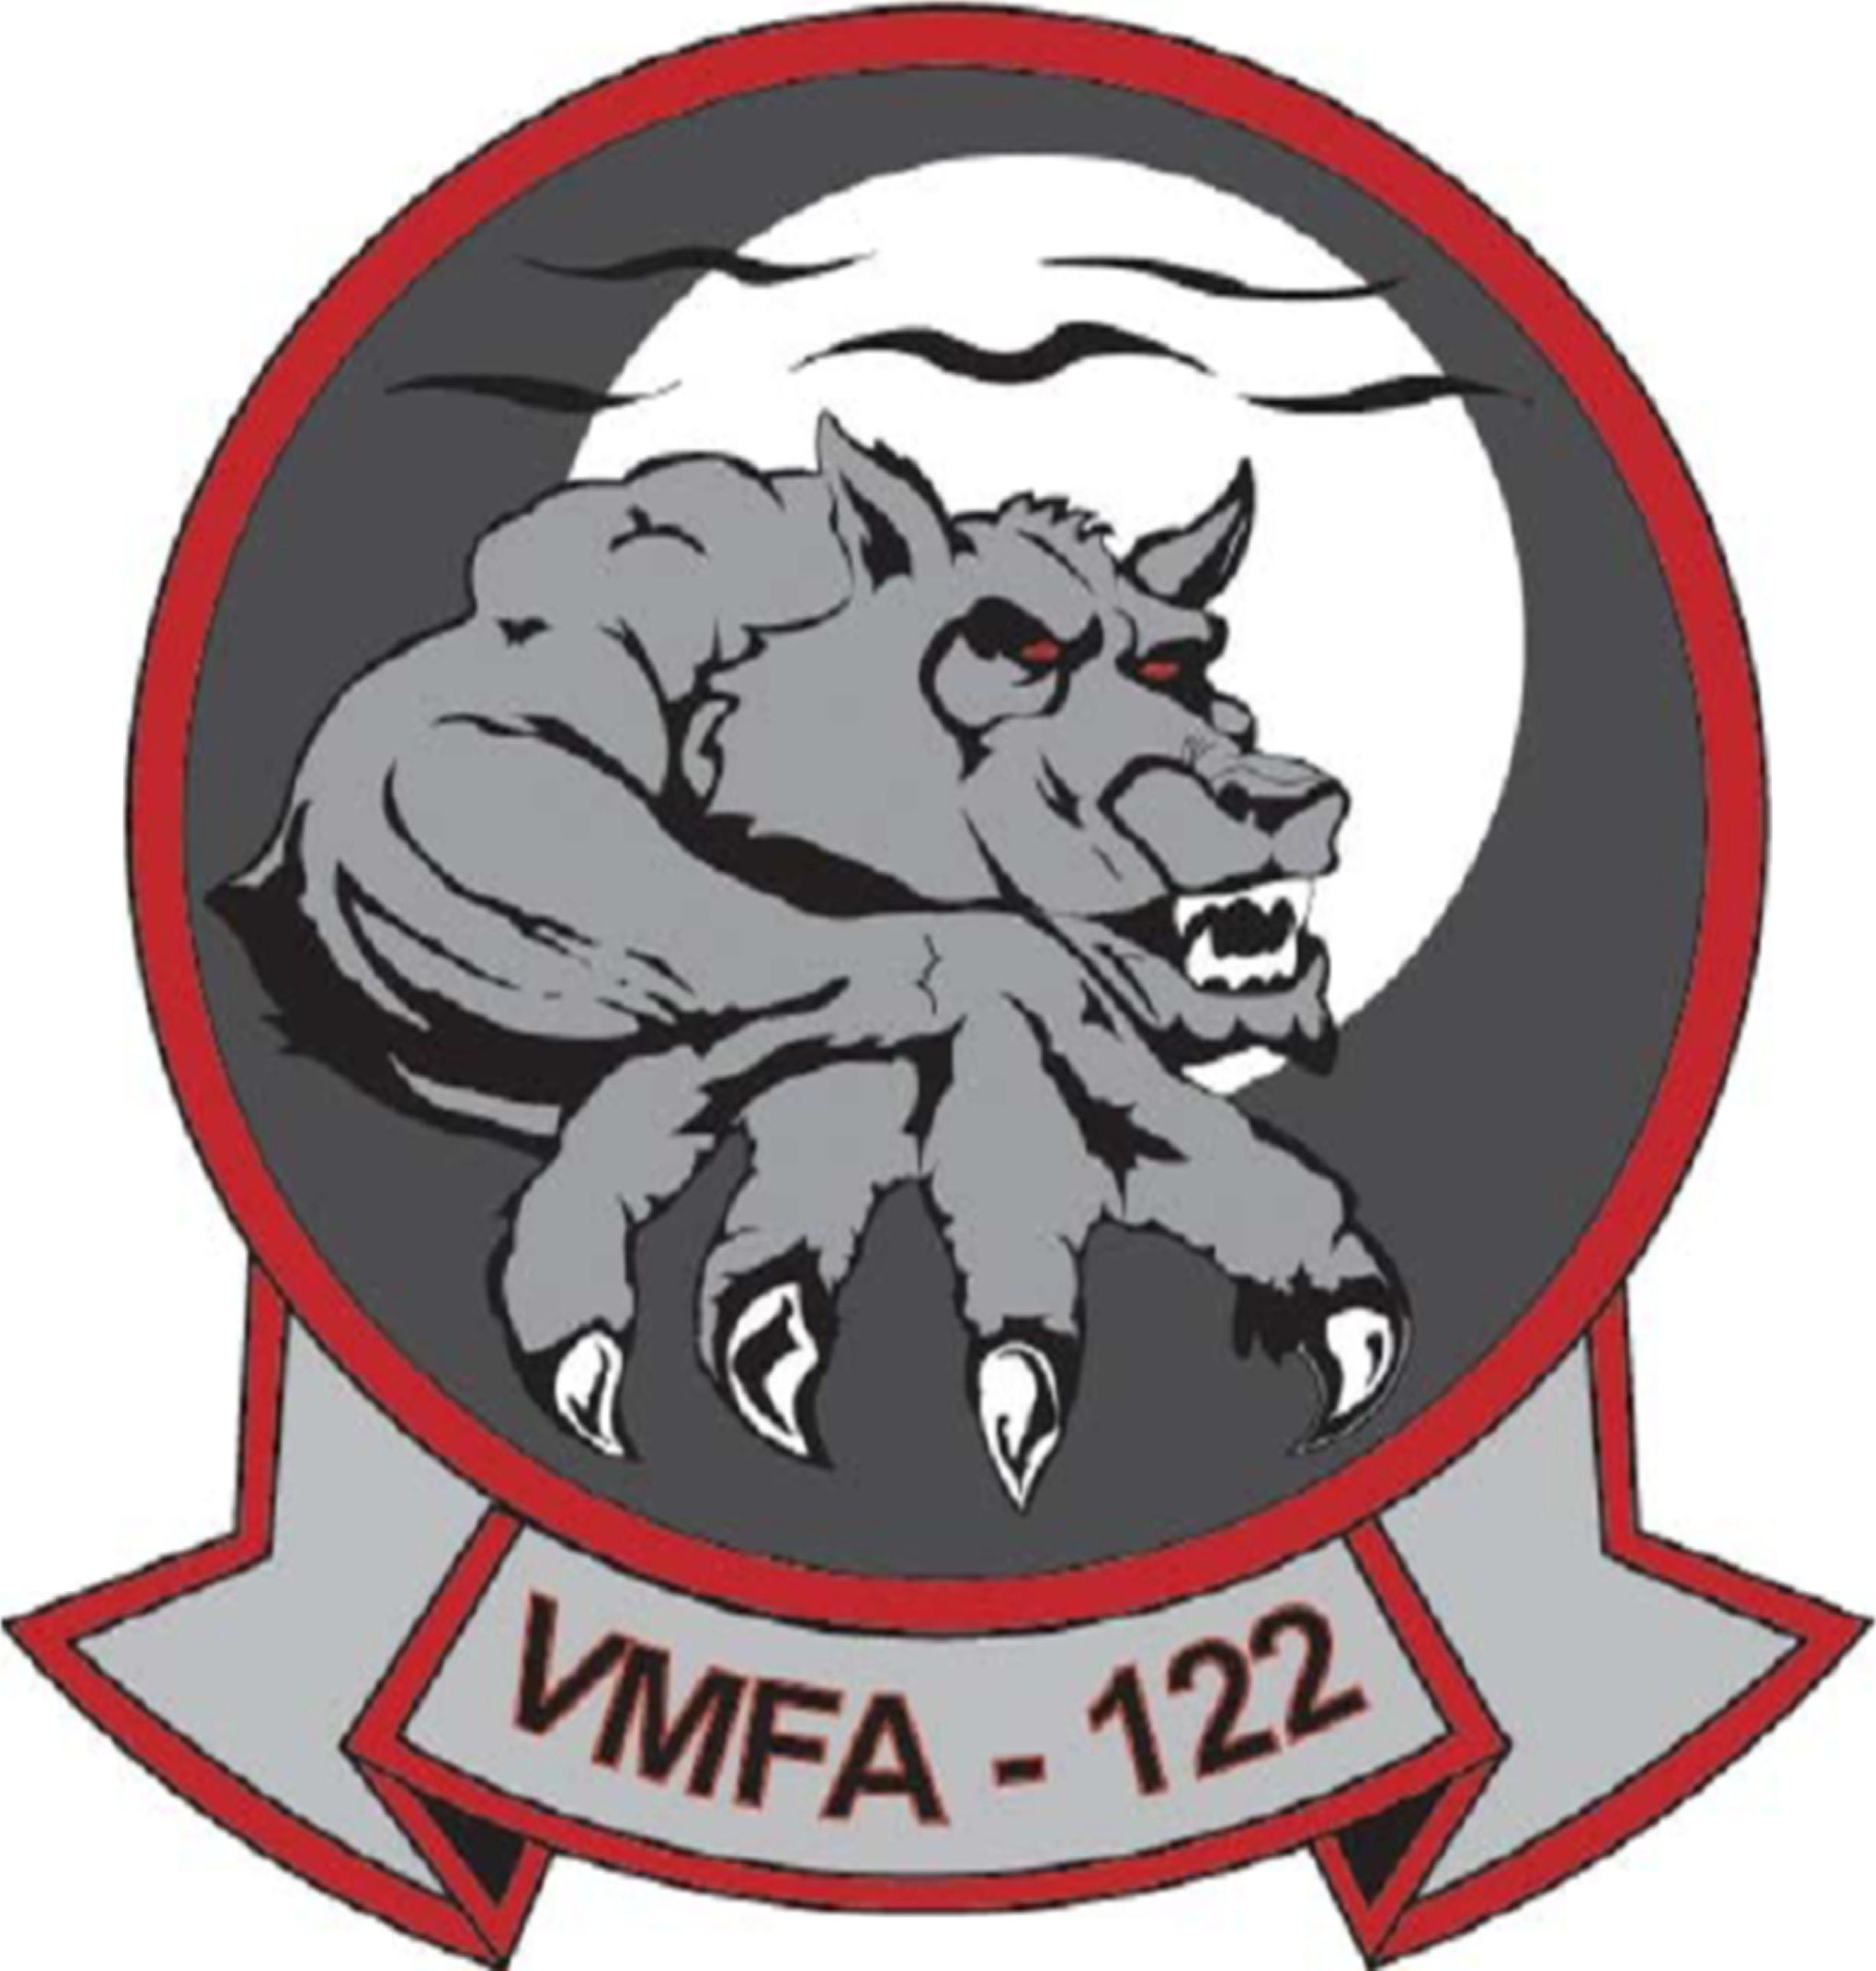 File:VMFA-122 insignia werewolve.png